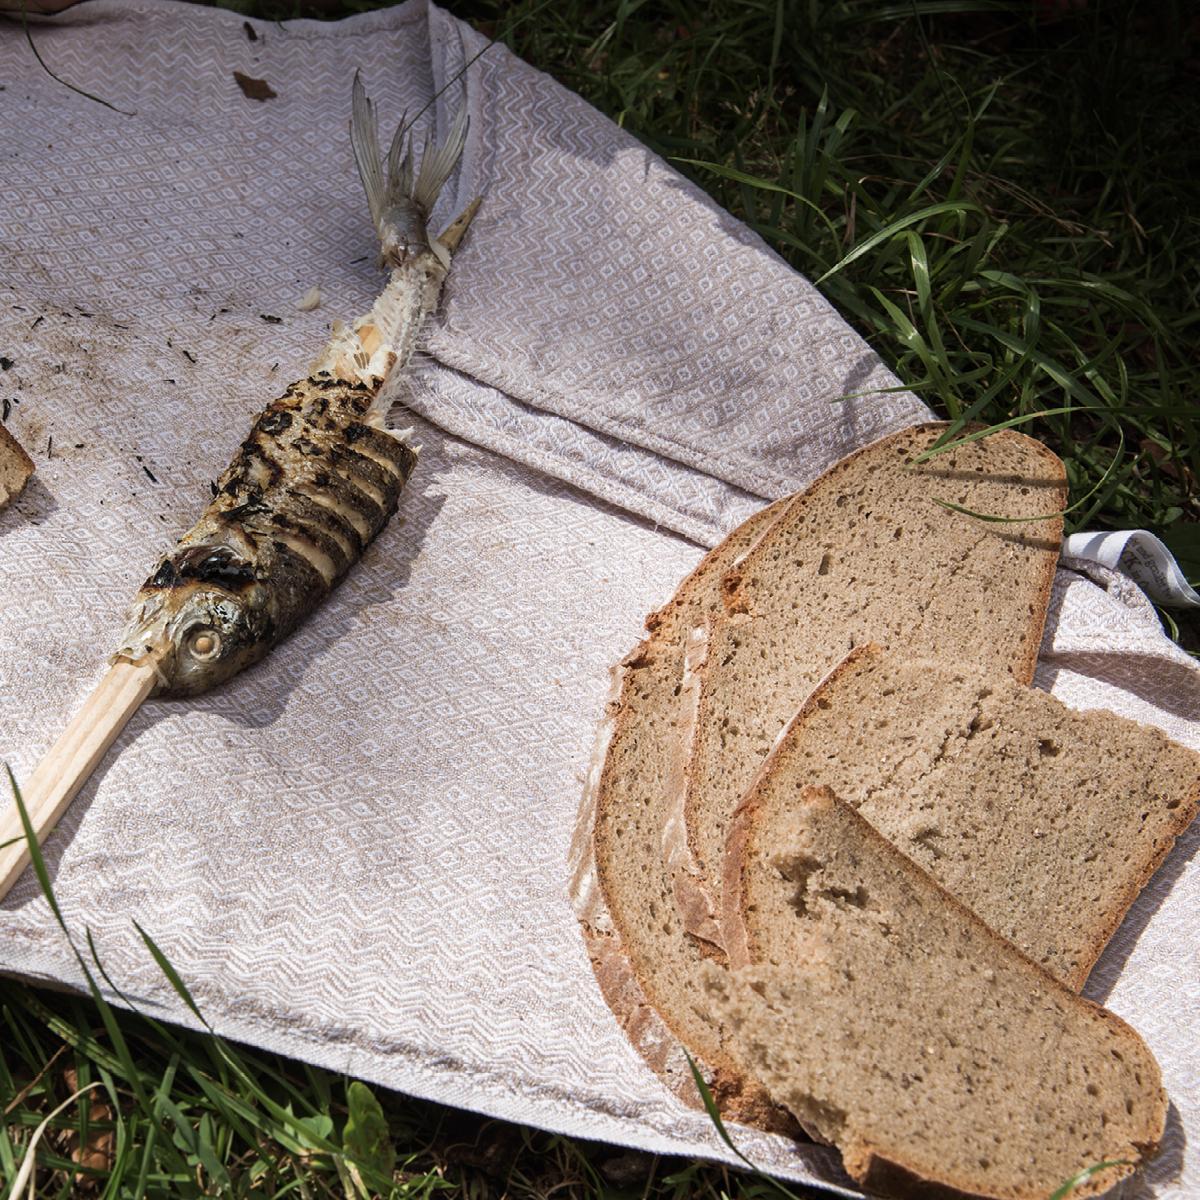 Das Bild zeigt einige Scheiben Brot und einen kleinen Steckerlfisch.